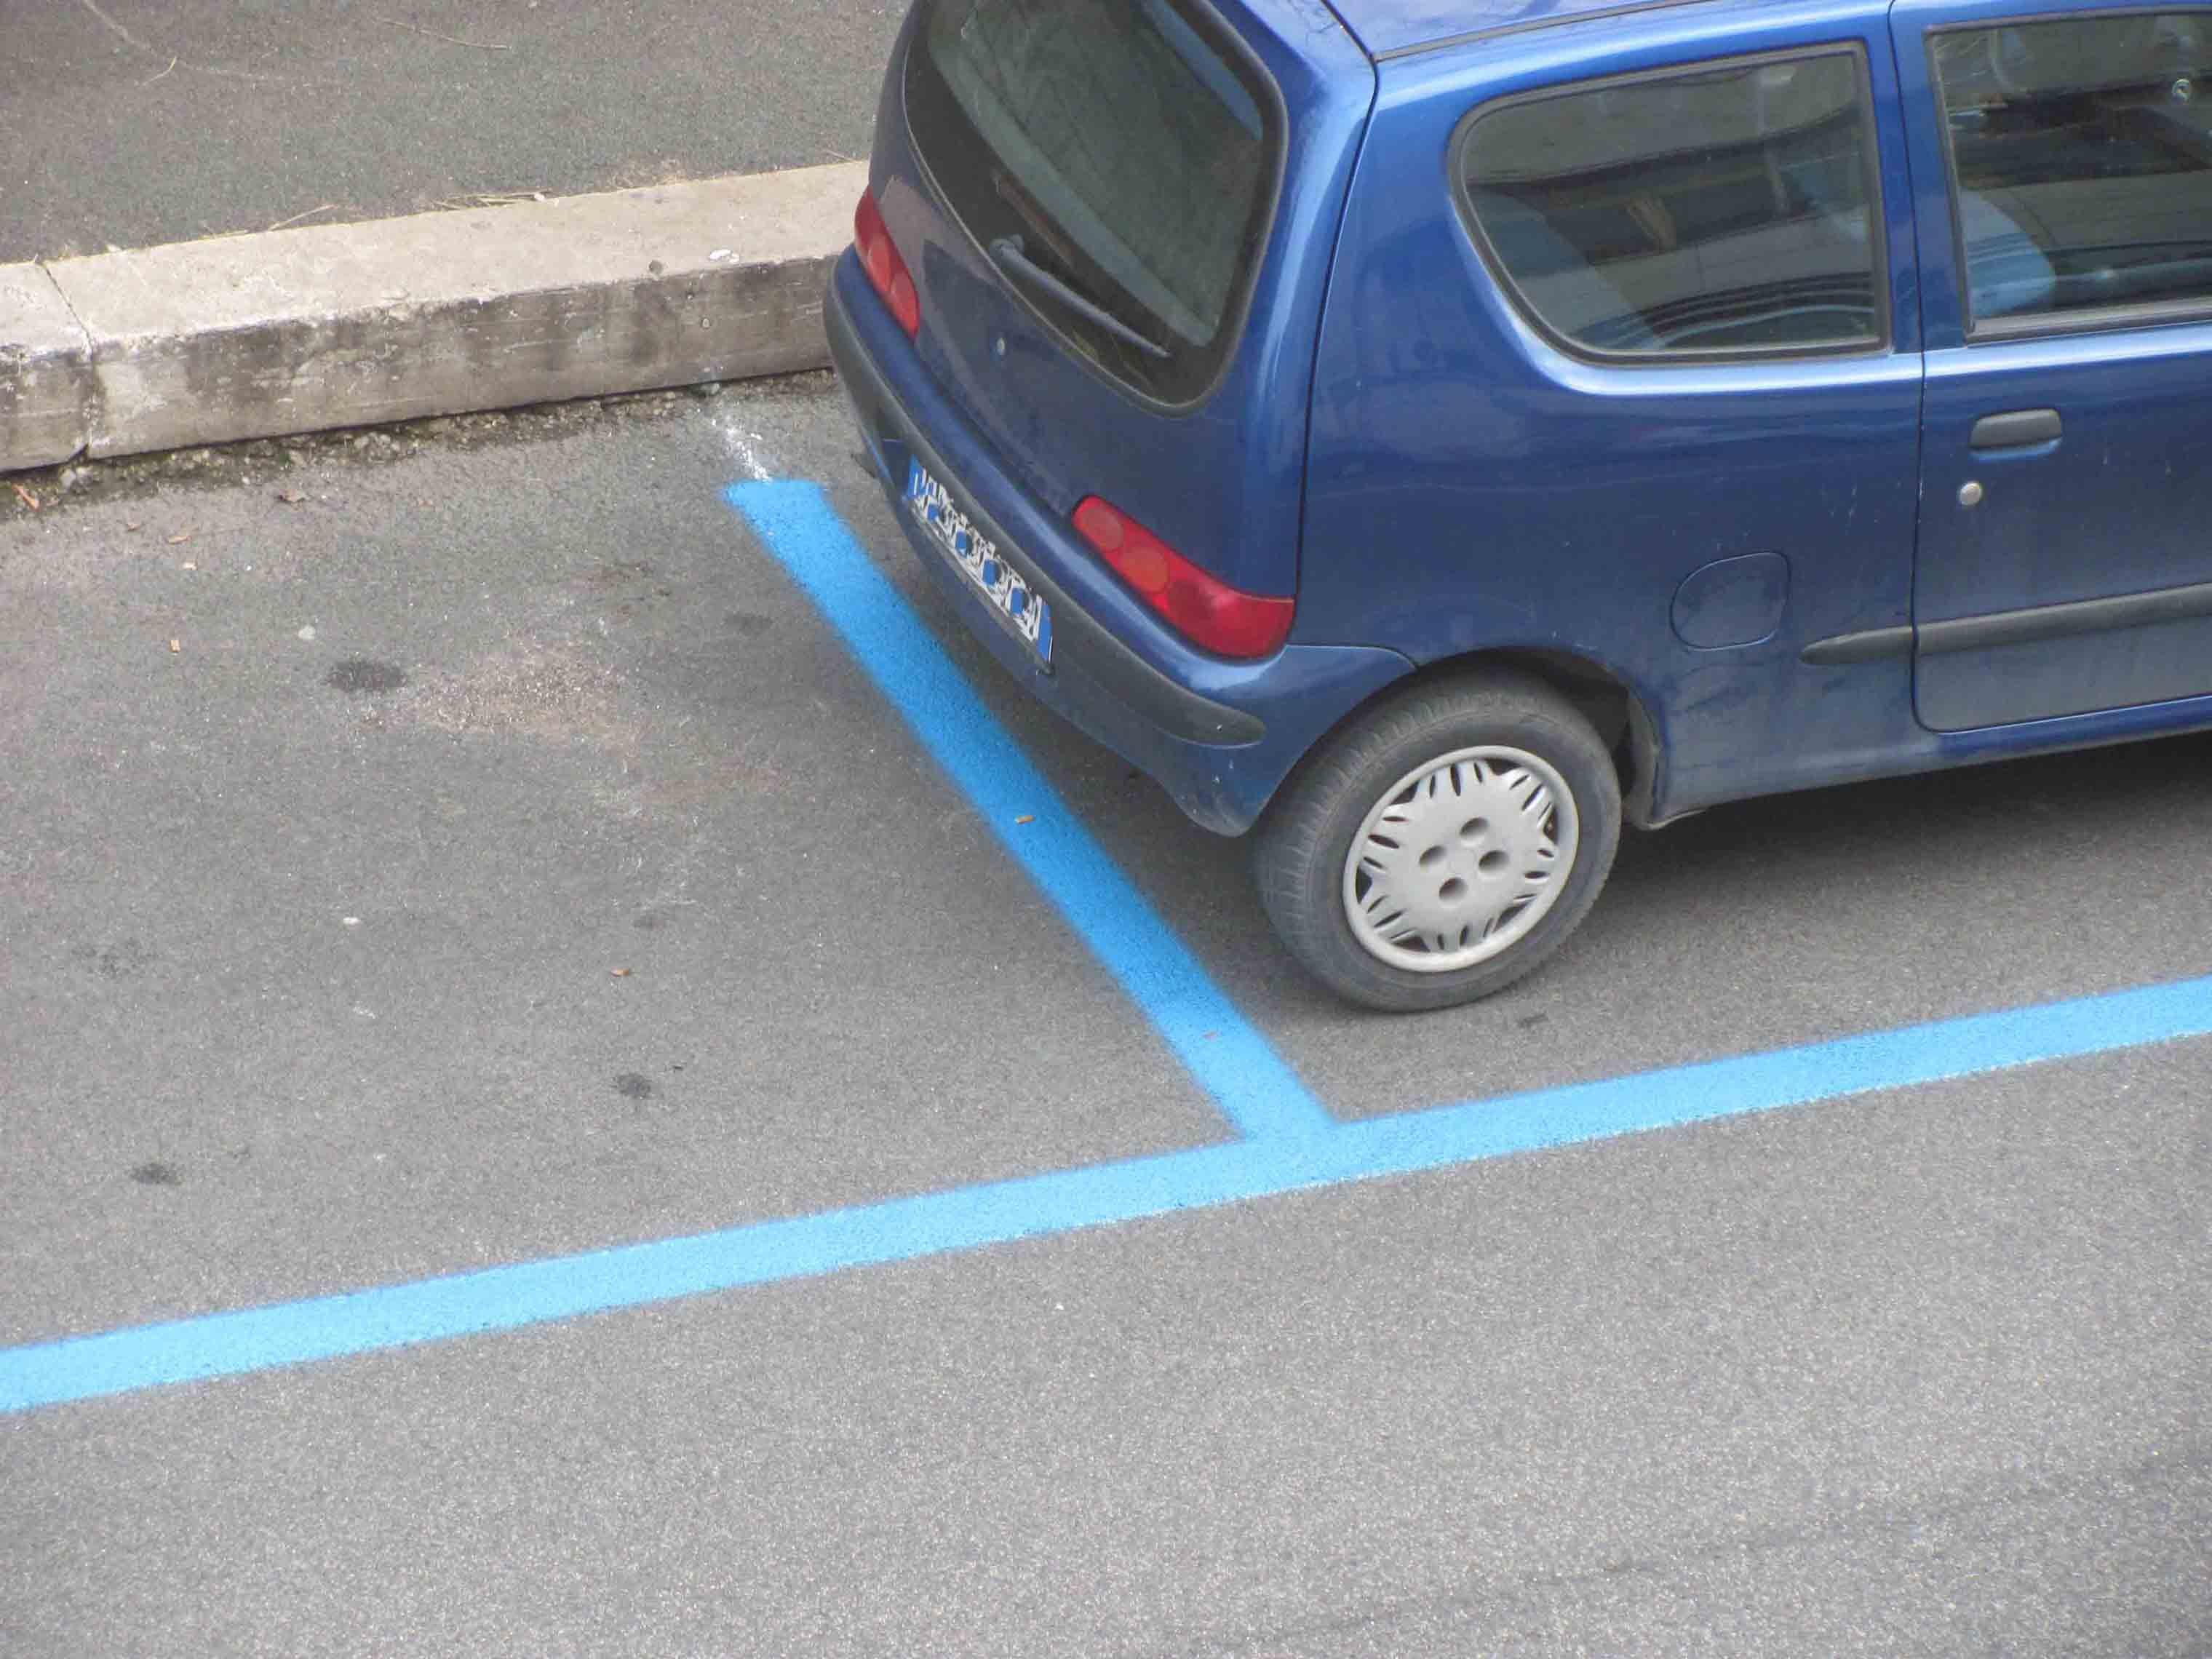 Le strisce blu sono illegali. Niente più multe per chi non paga il parcheggio